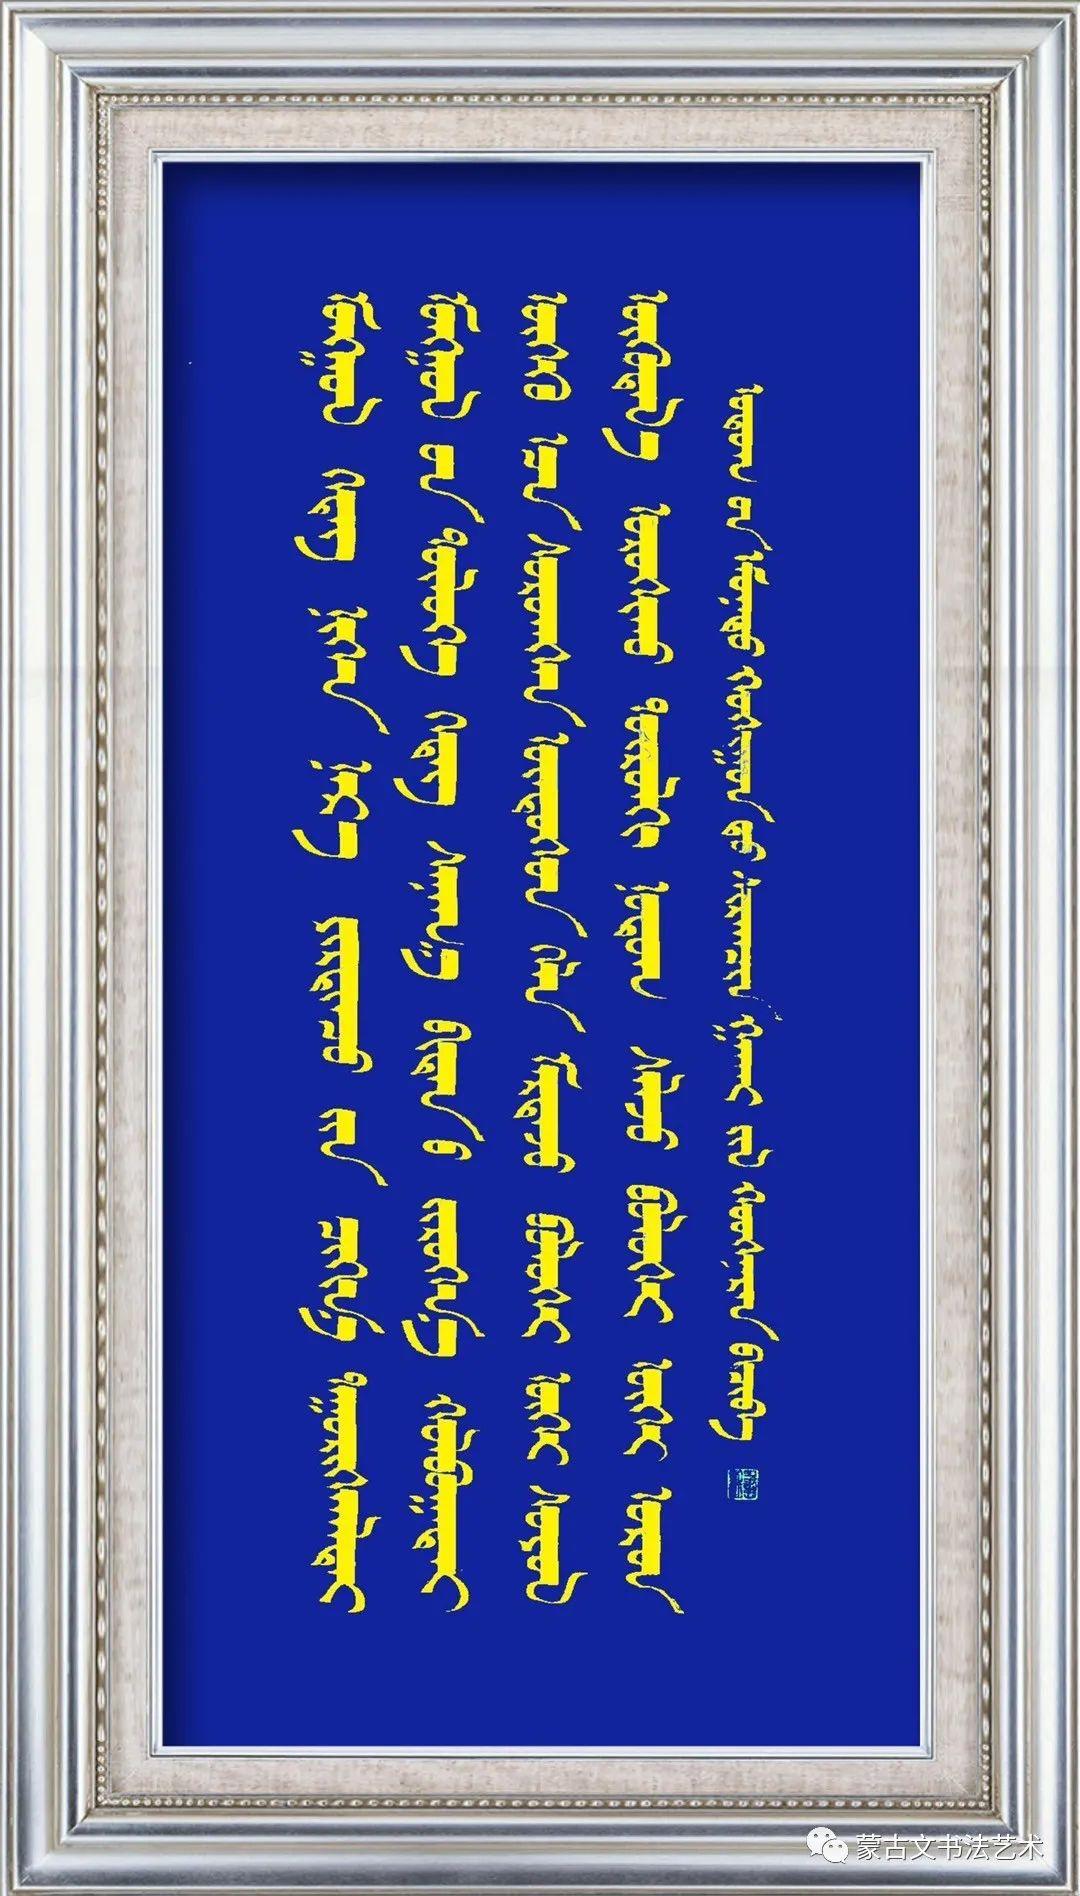 好斯那拉书法作品欣赏 第19张 好斯那拉书法作品欣赏 蒙古书法